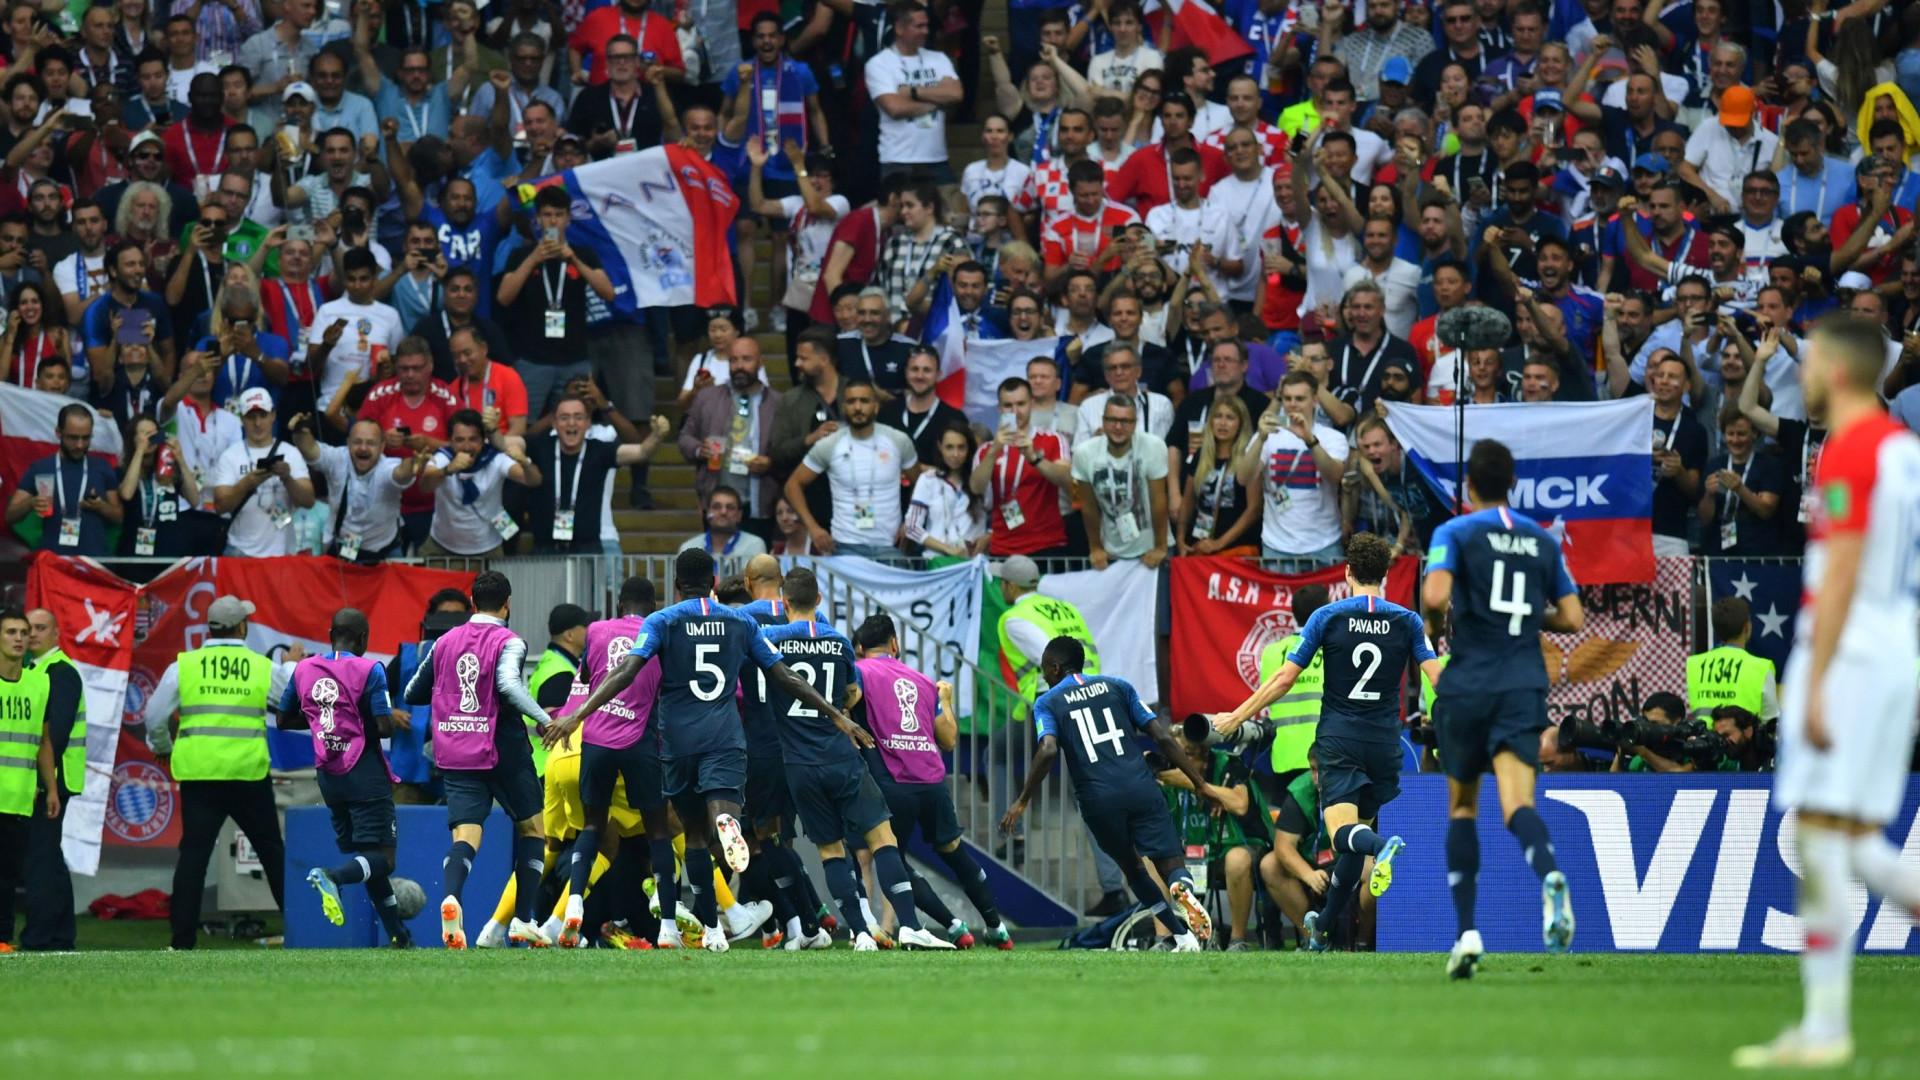 França vence a Croácia e regressa ao trono do futebol Mundial